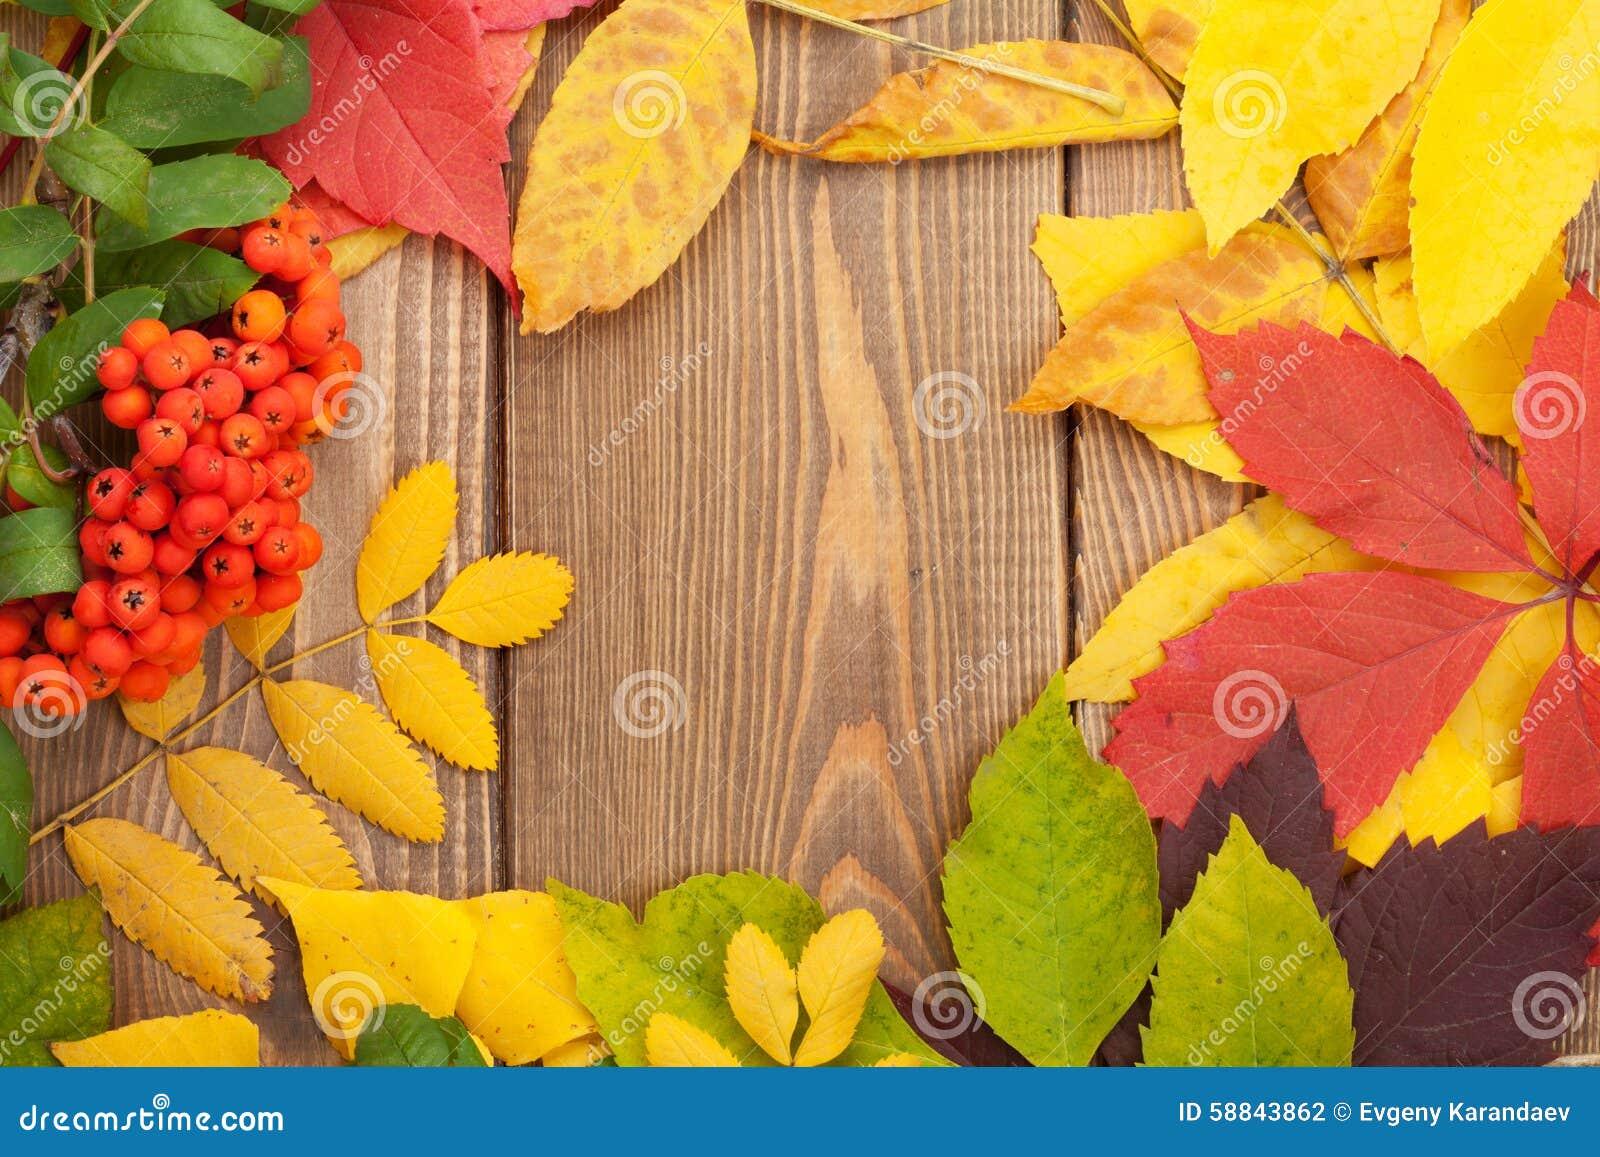 秋叶和花楸浆果在木背景